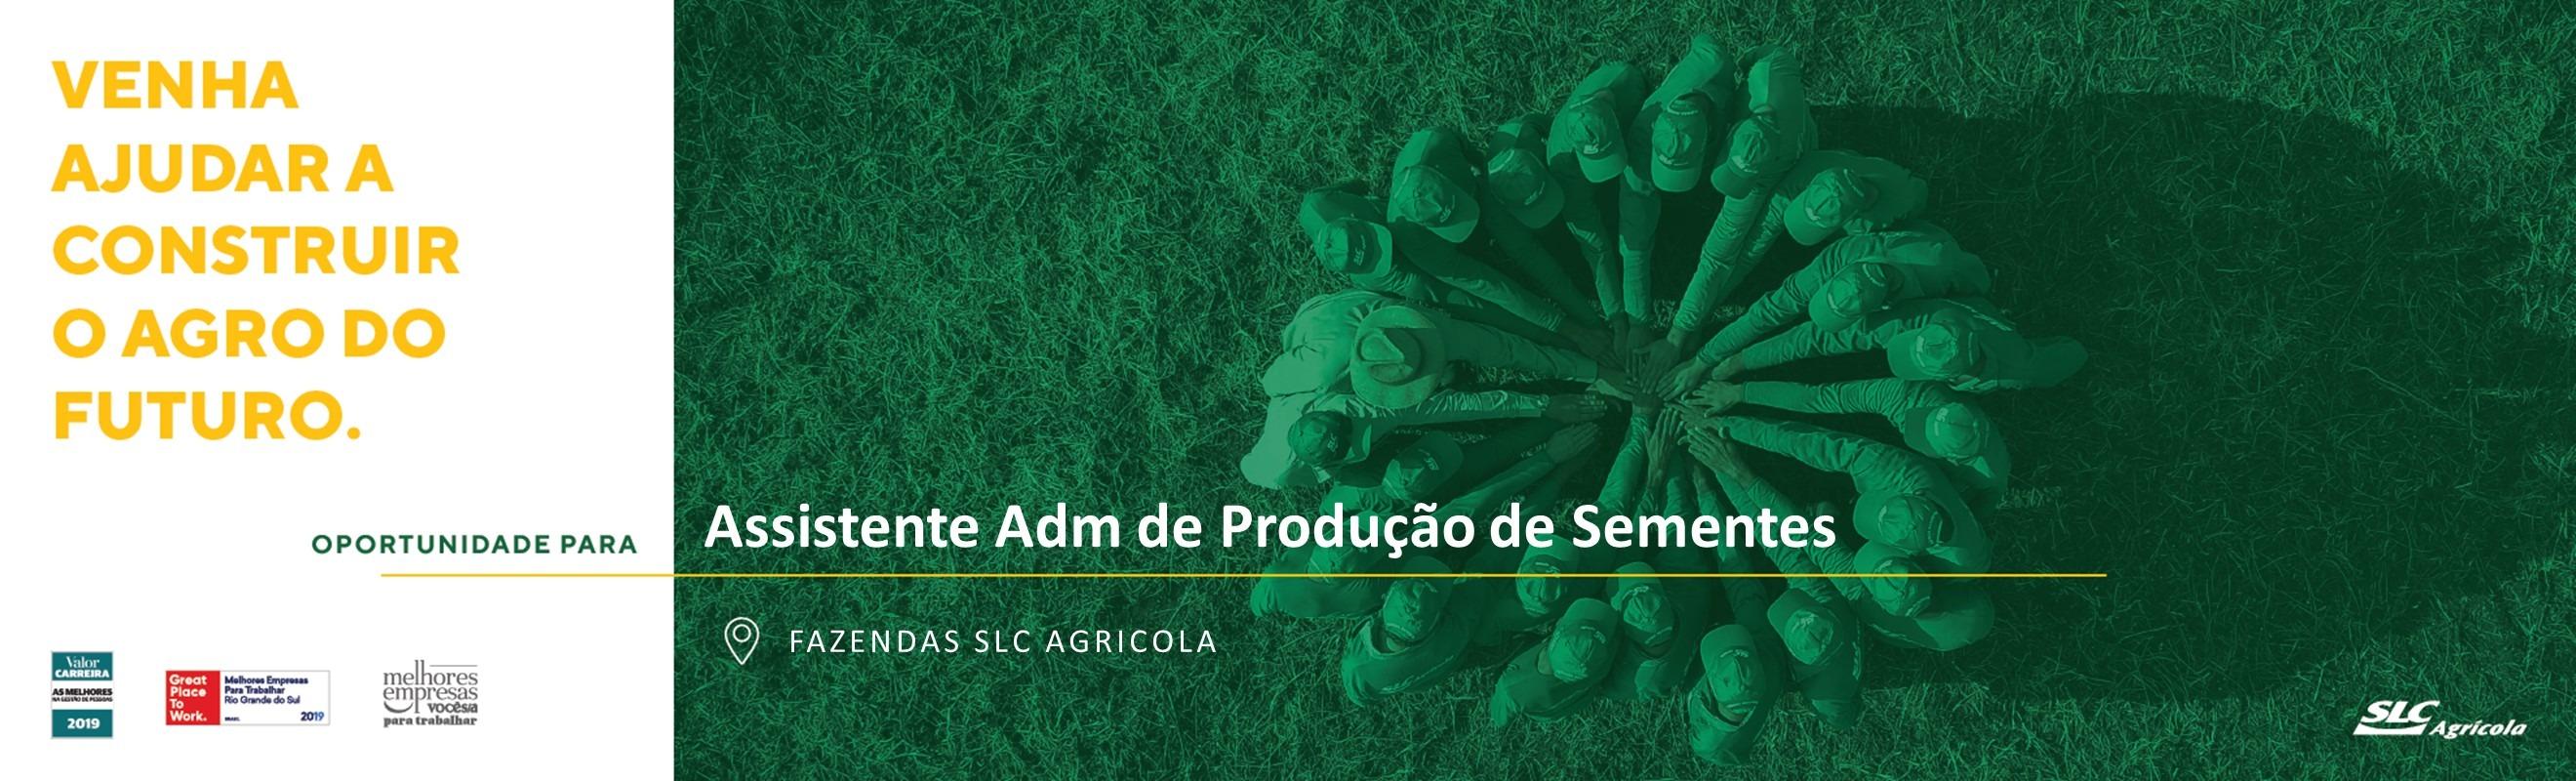 Assistente Adm de Produção de Sementes